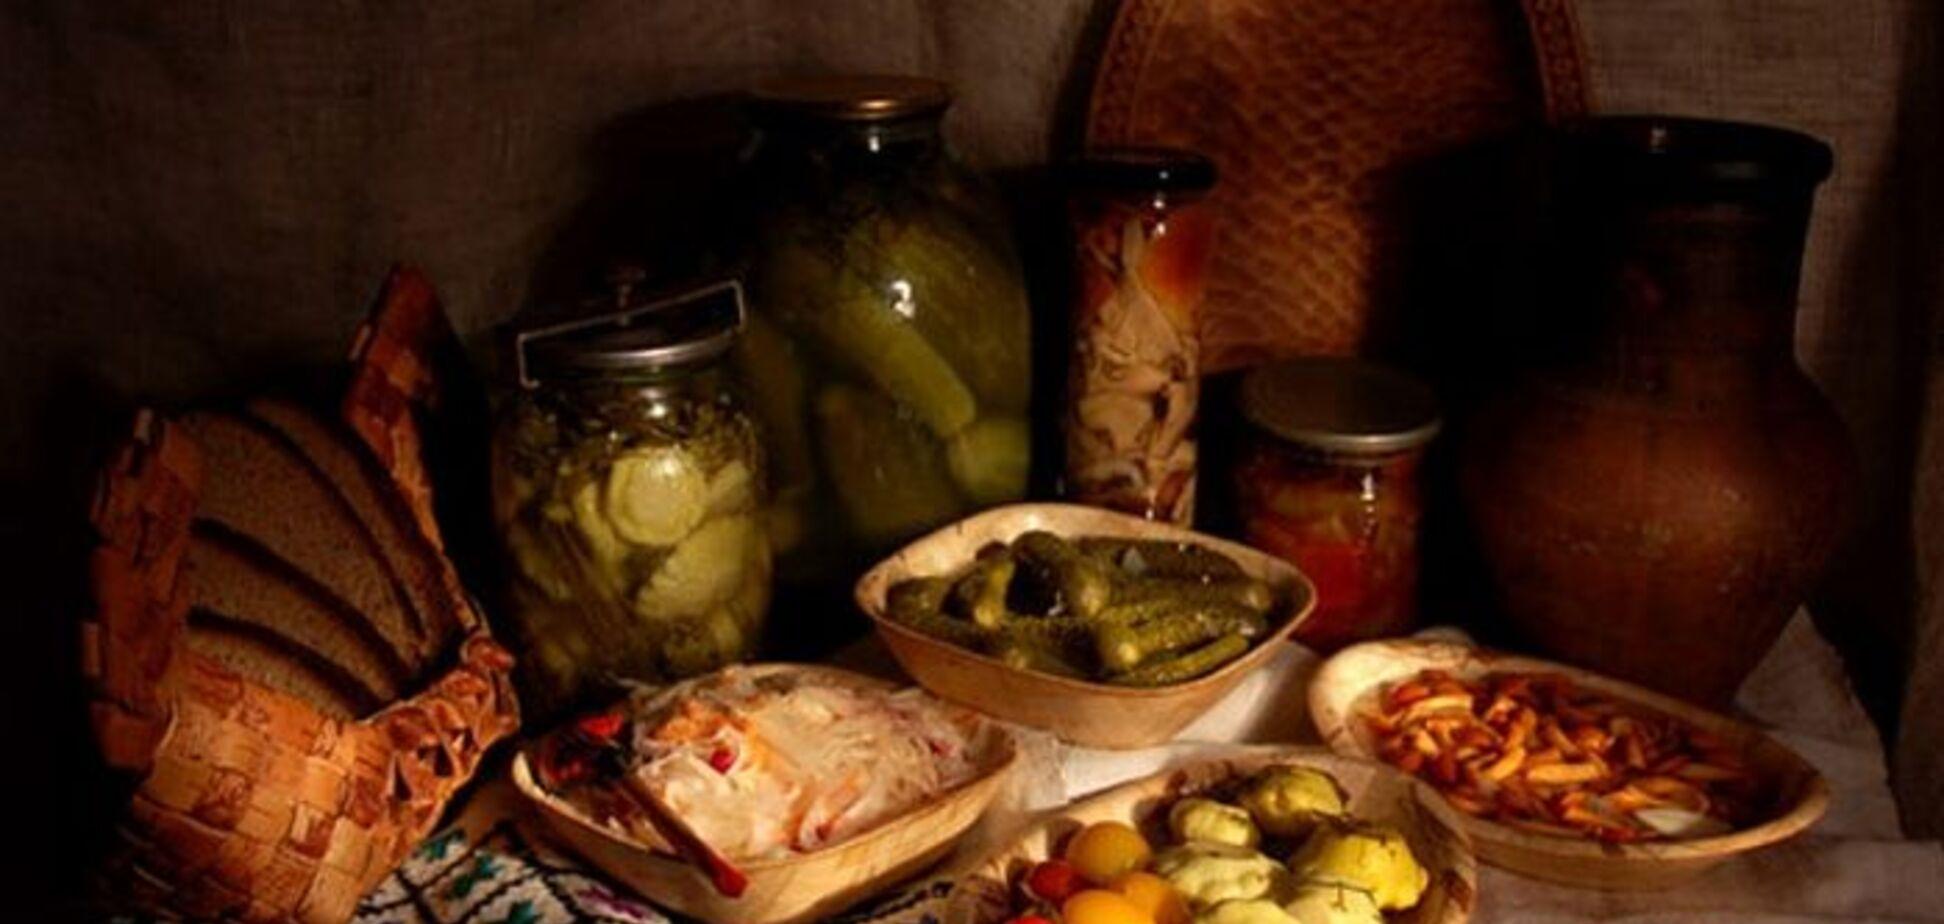 Заканчивается Великий пост: как питаться после и что нельзя есть перед Пасхой